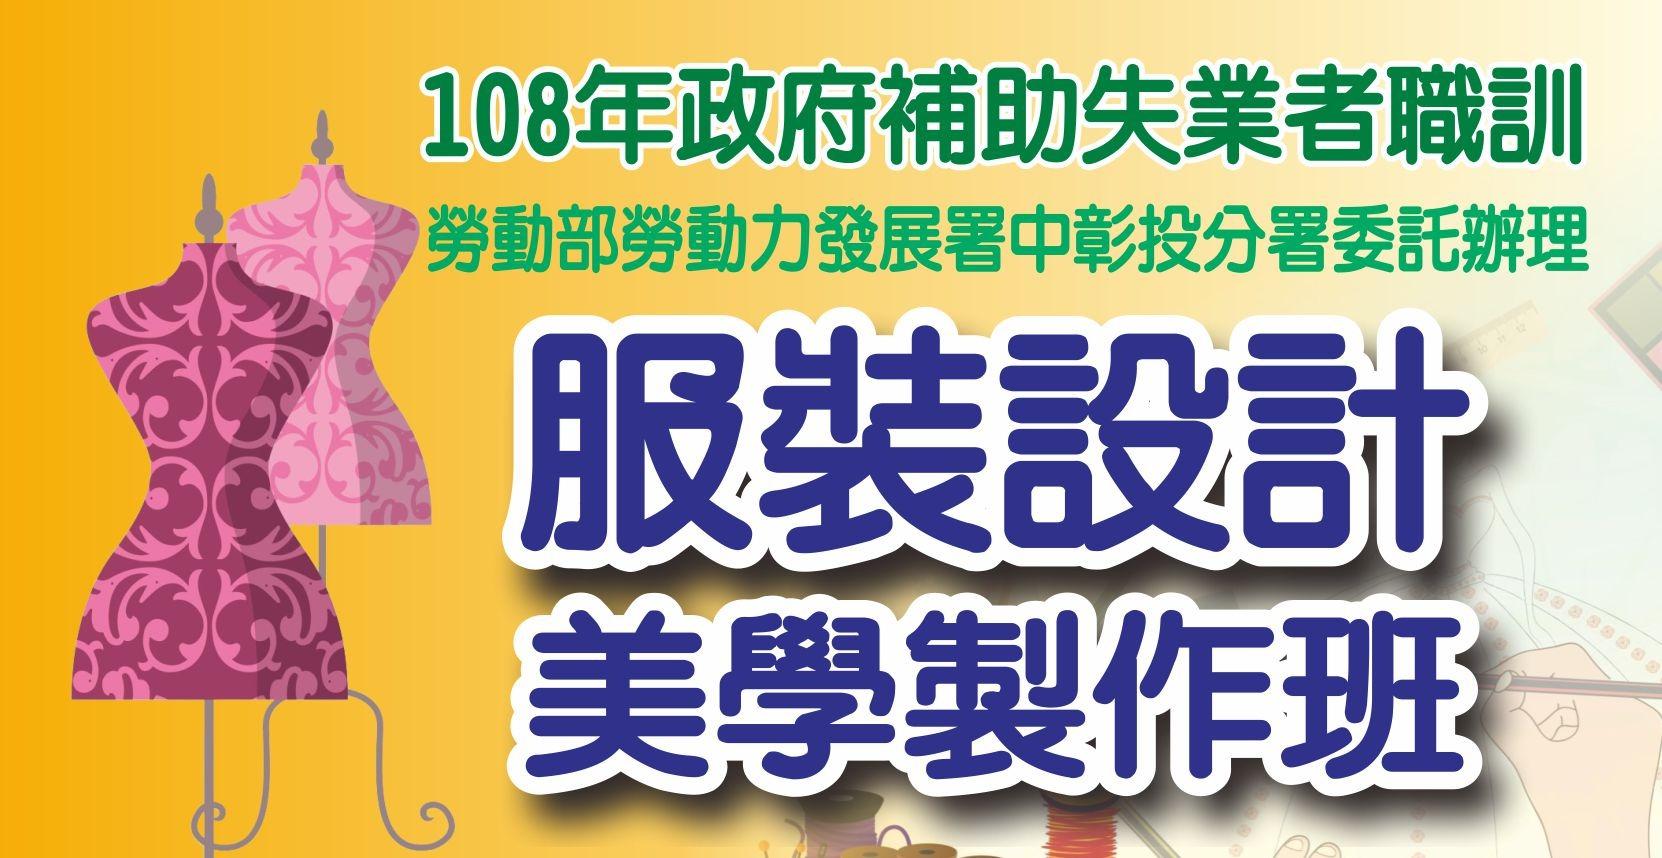 108年政府補助失業者職訓-服裝設計美學製作班